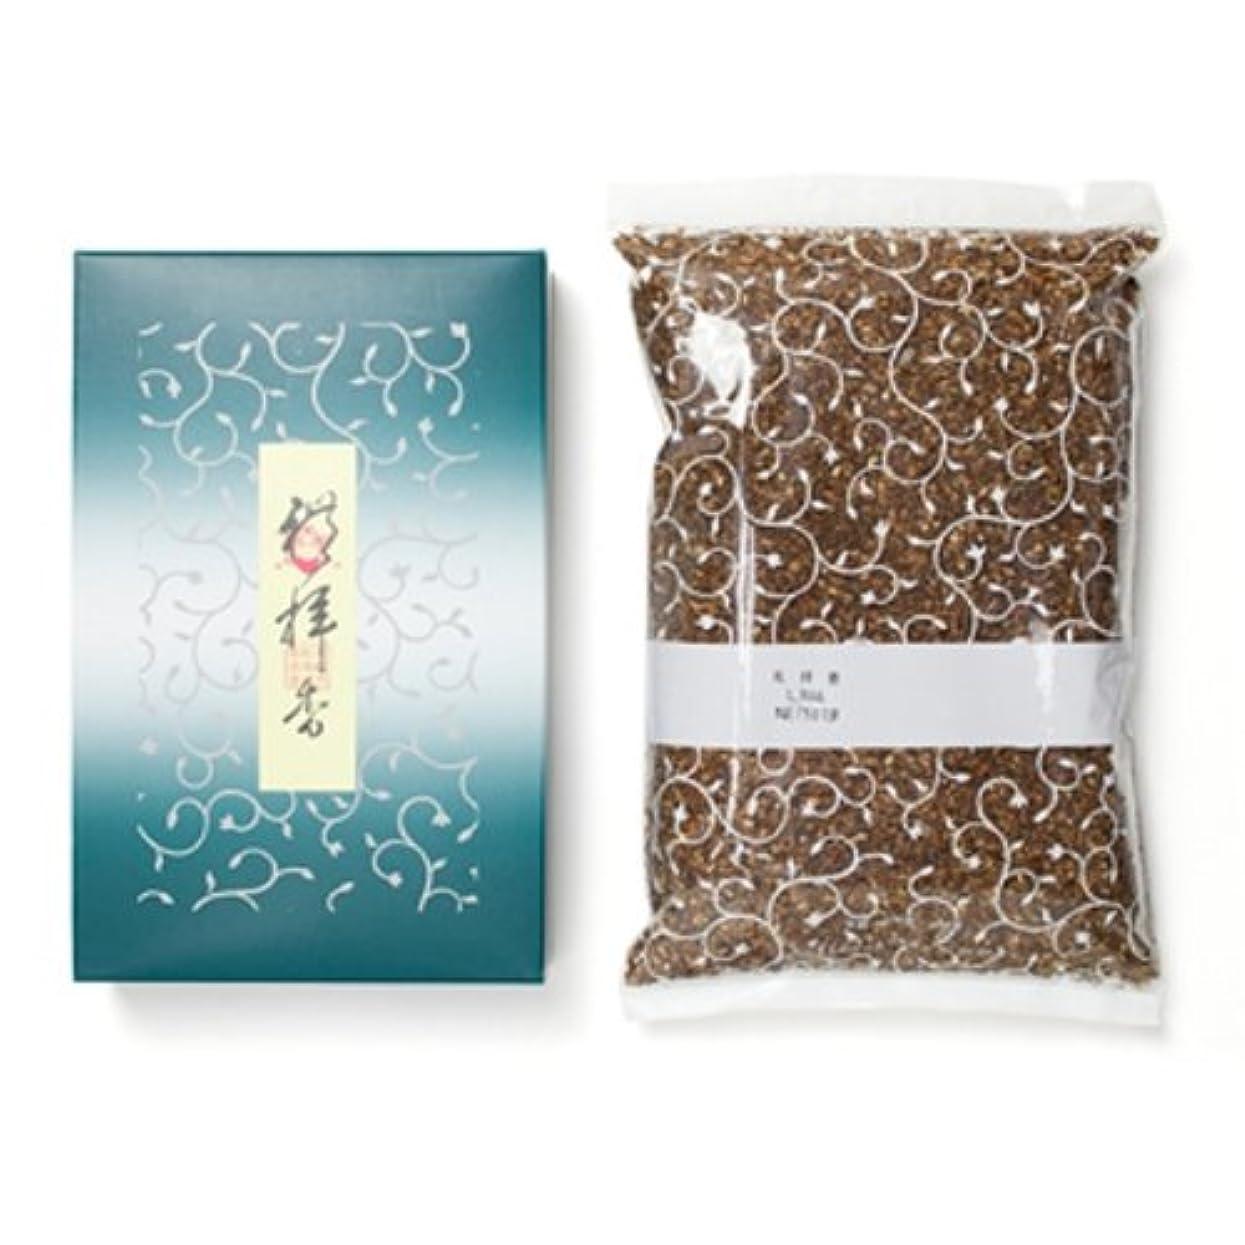 粘着性テンポ勇気のある松栄堂のお焼香 礼拝香 500g詰 紙箱入 #410511